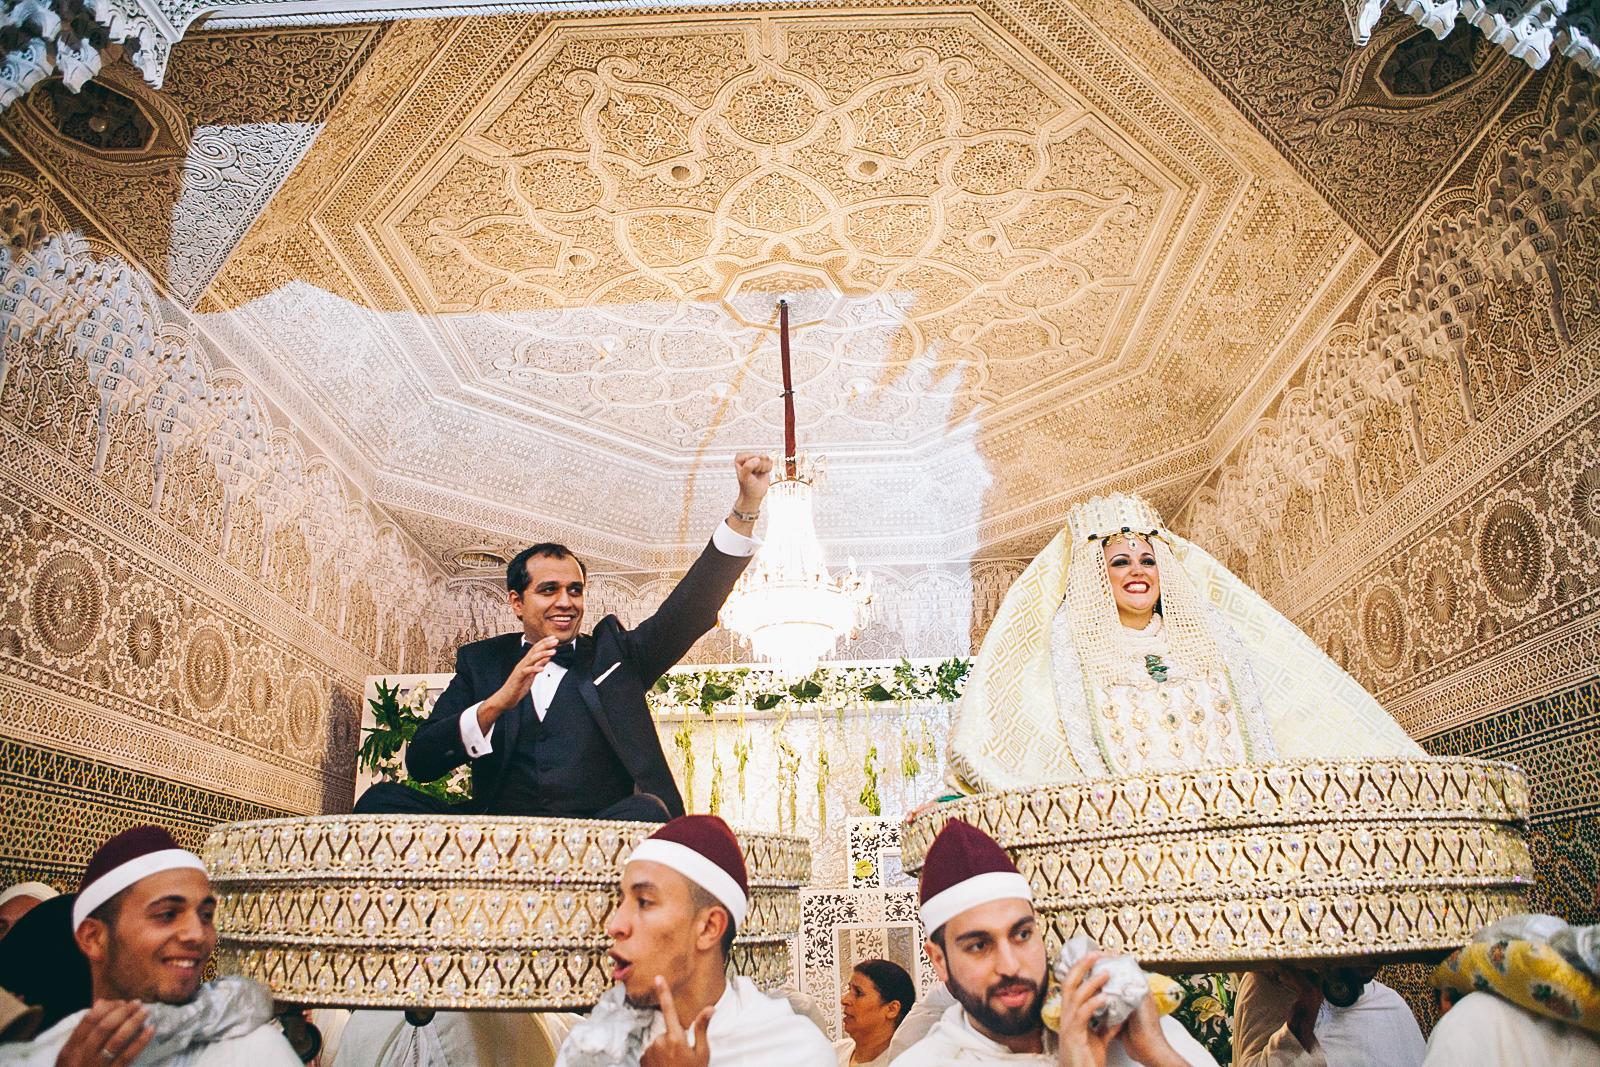 traditional_moroccan_wedding_photographry_casablanca_morocco_houda_vivek_ebony_siovhan_bokeh_photography_113.jpg